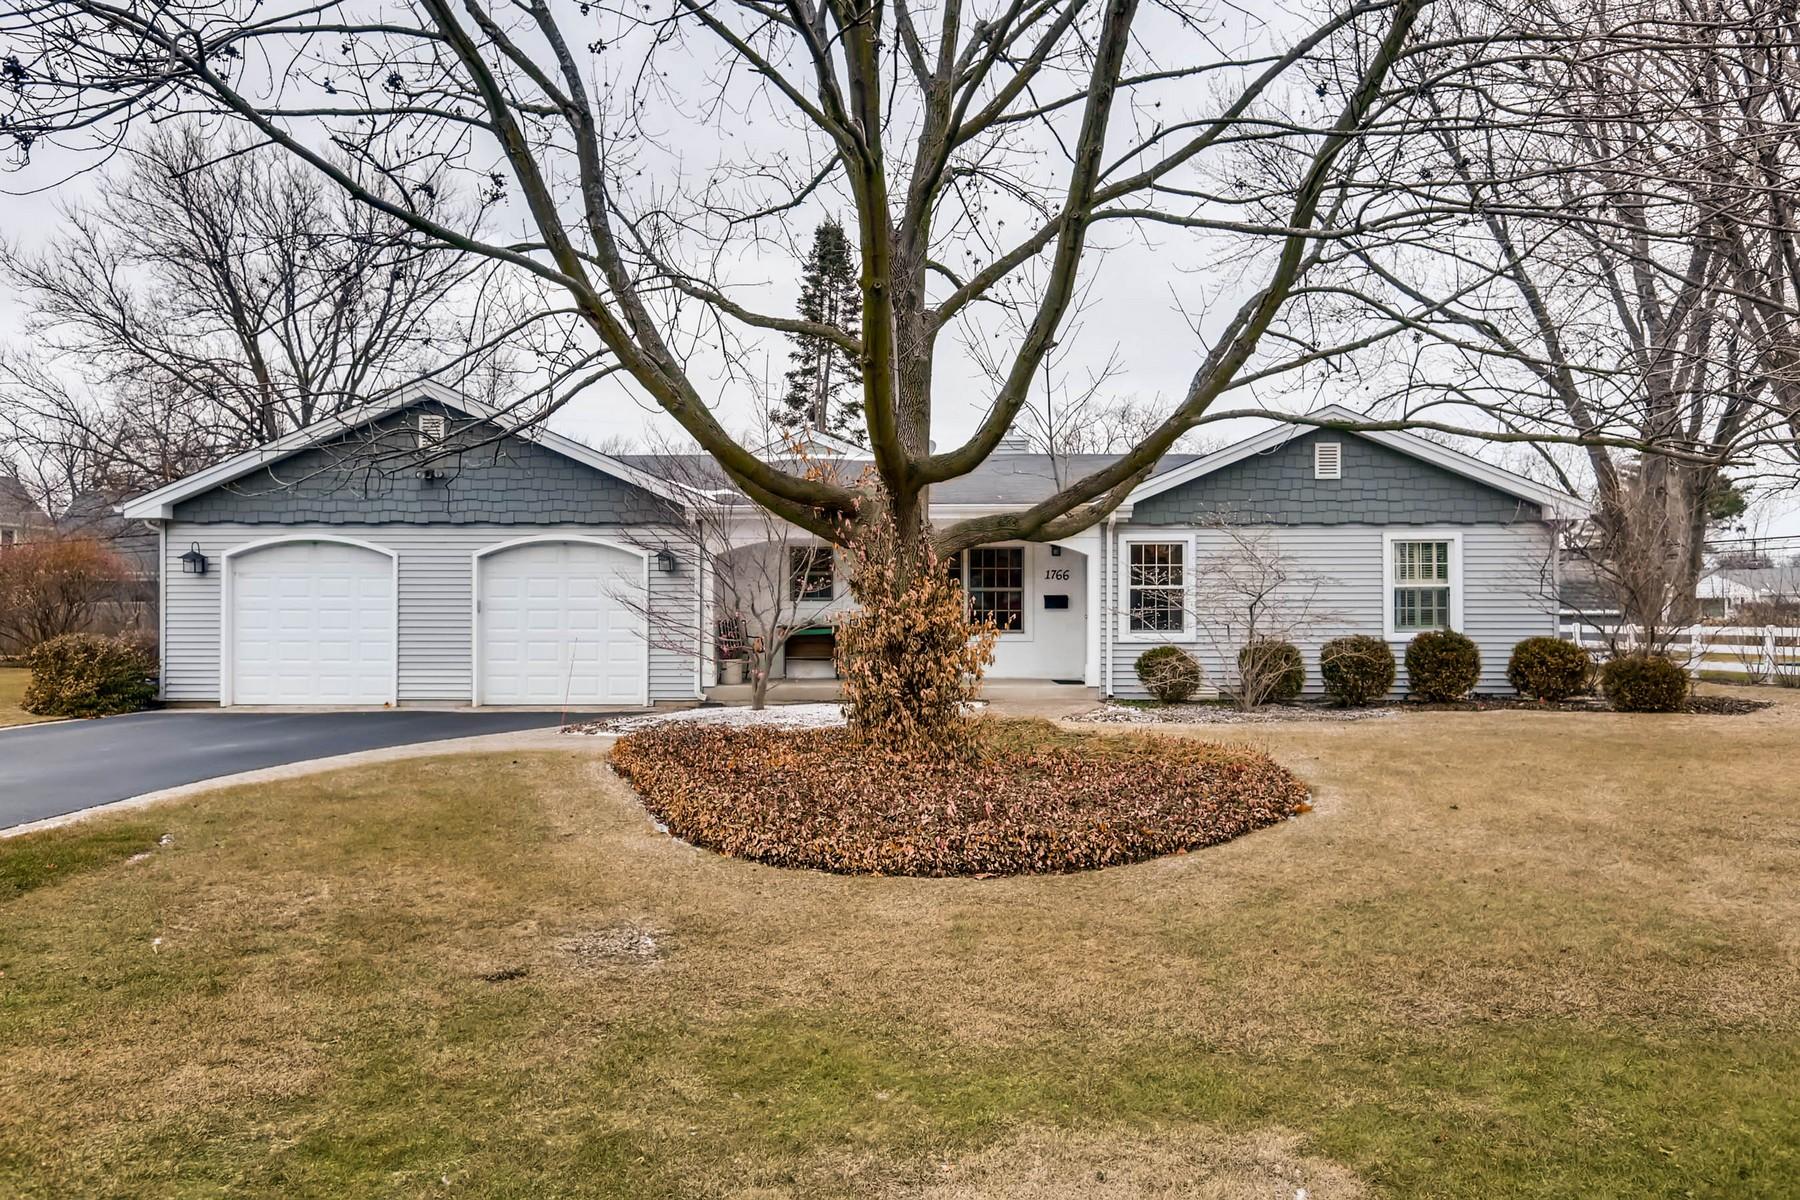 独户住宅 为 销售 在 Amazing Expanded Ranch 1766 Central Road, 格伦维尤, 伊利诺斯州, 60025 美国